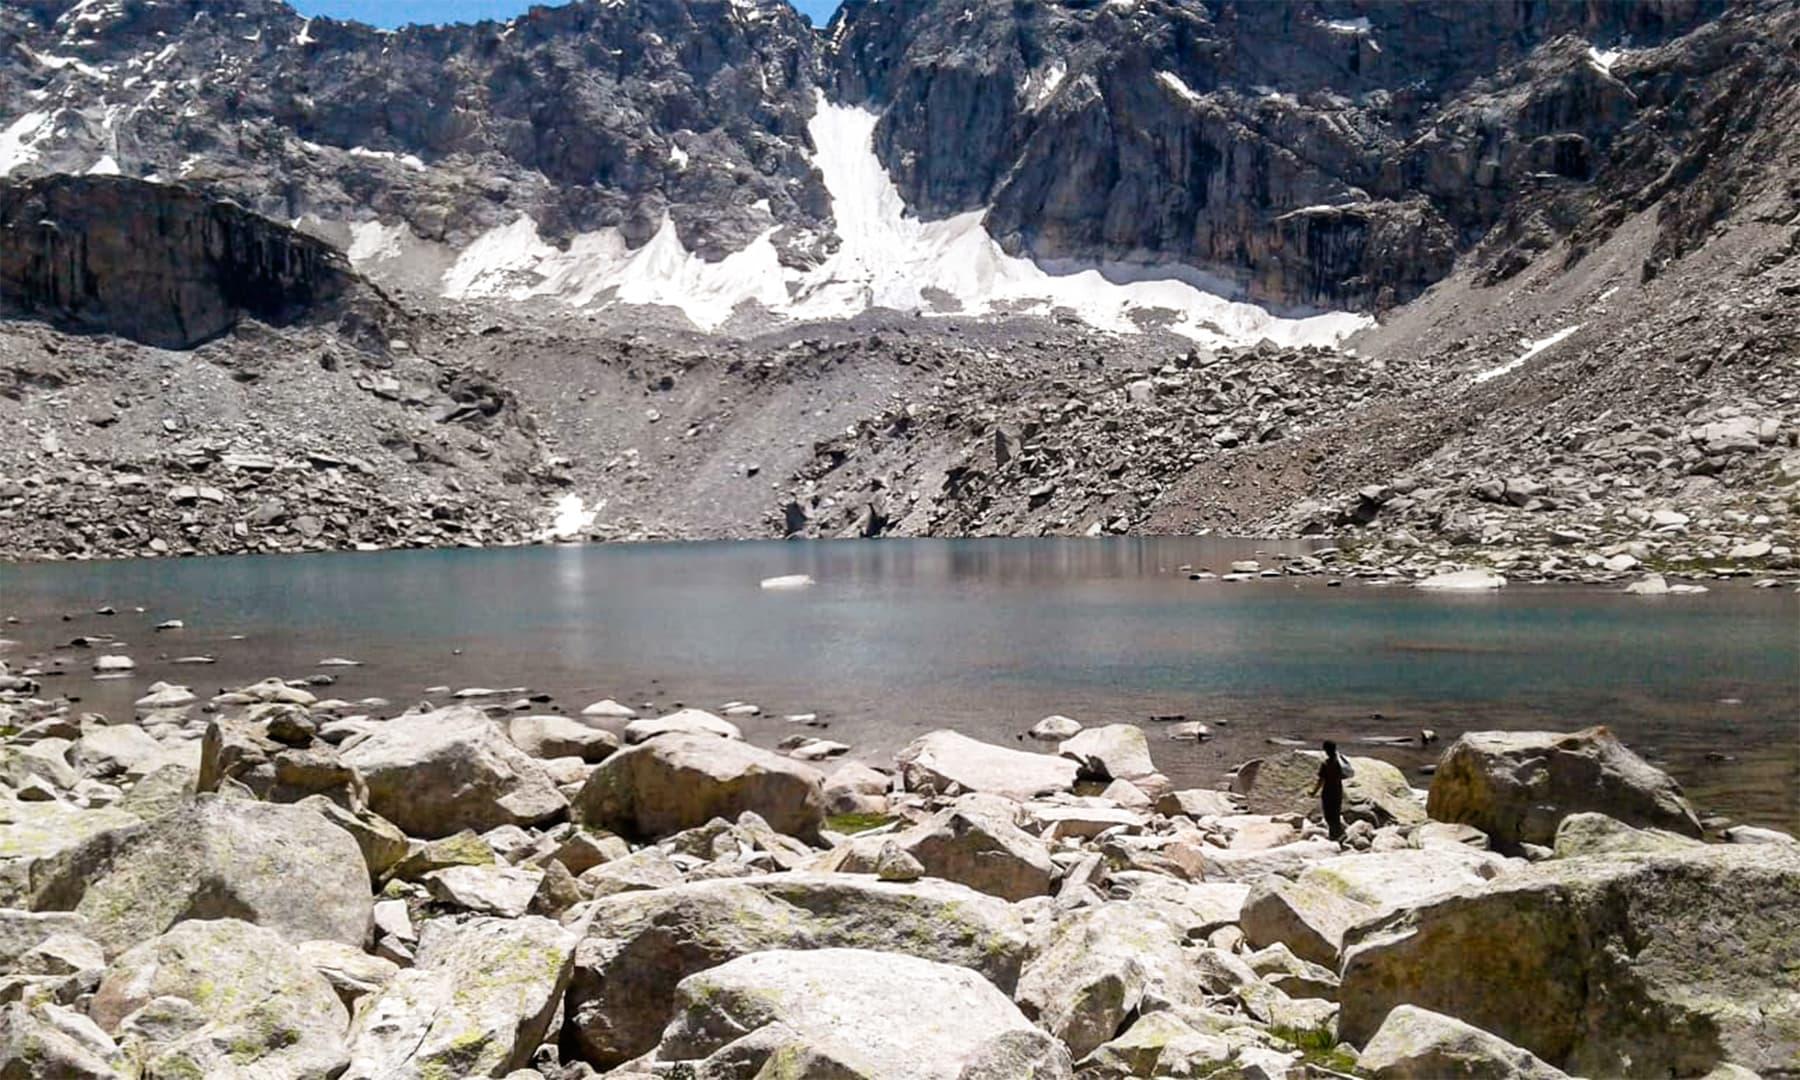 گانچھے نالہ کی معیت میں آنے والی دوسری جھیل جسے سکیلی ژھو کہتے ہیں جس کا مطلب درمیان والی جھیل ہے